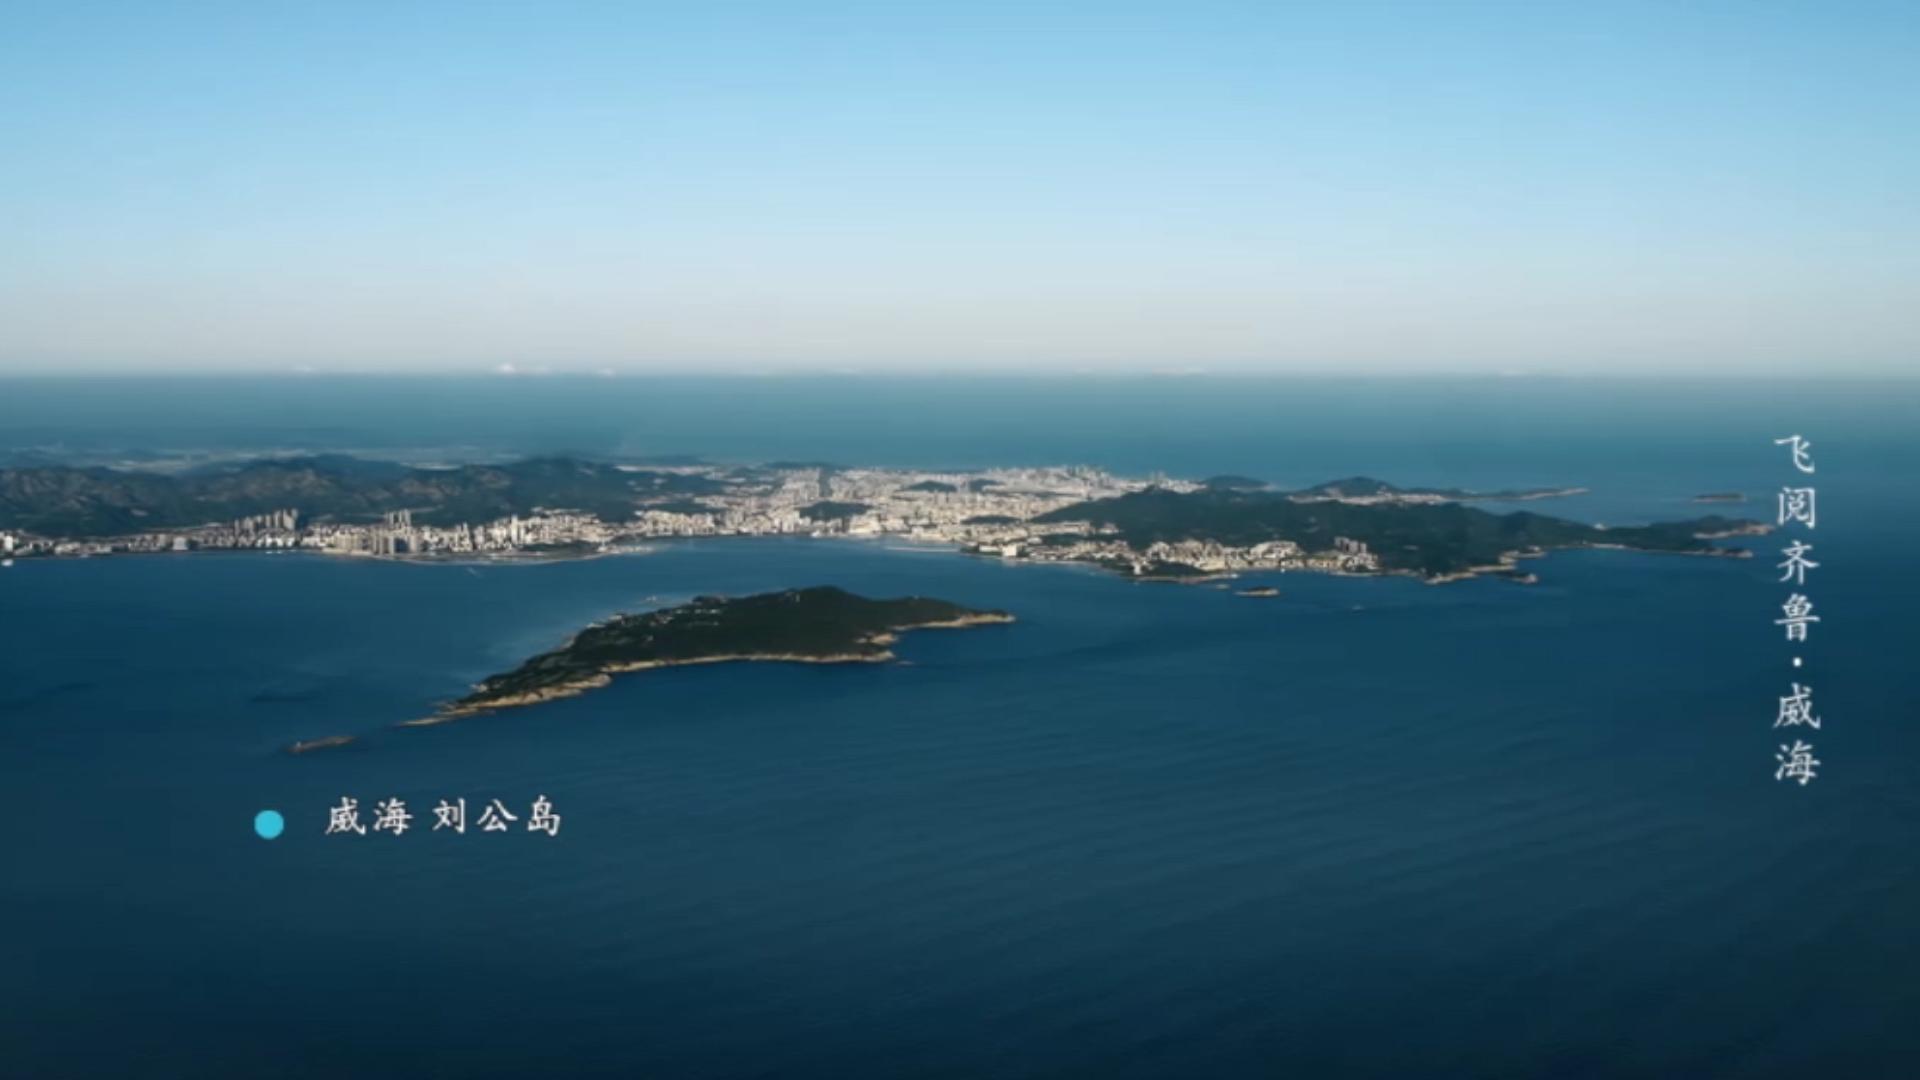 刘公岛上,铭记甲午之殇丨《飞阅齐鲁》